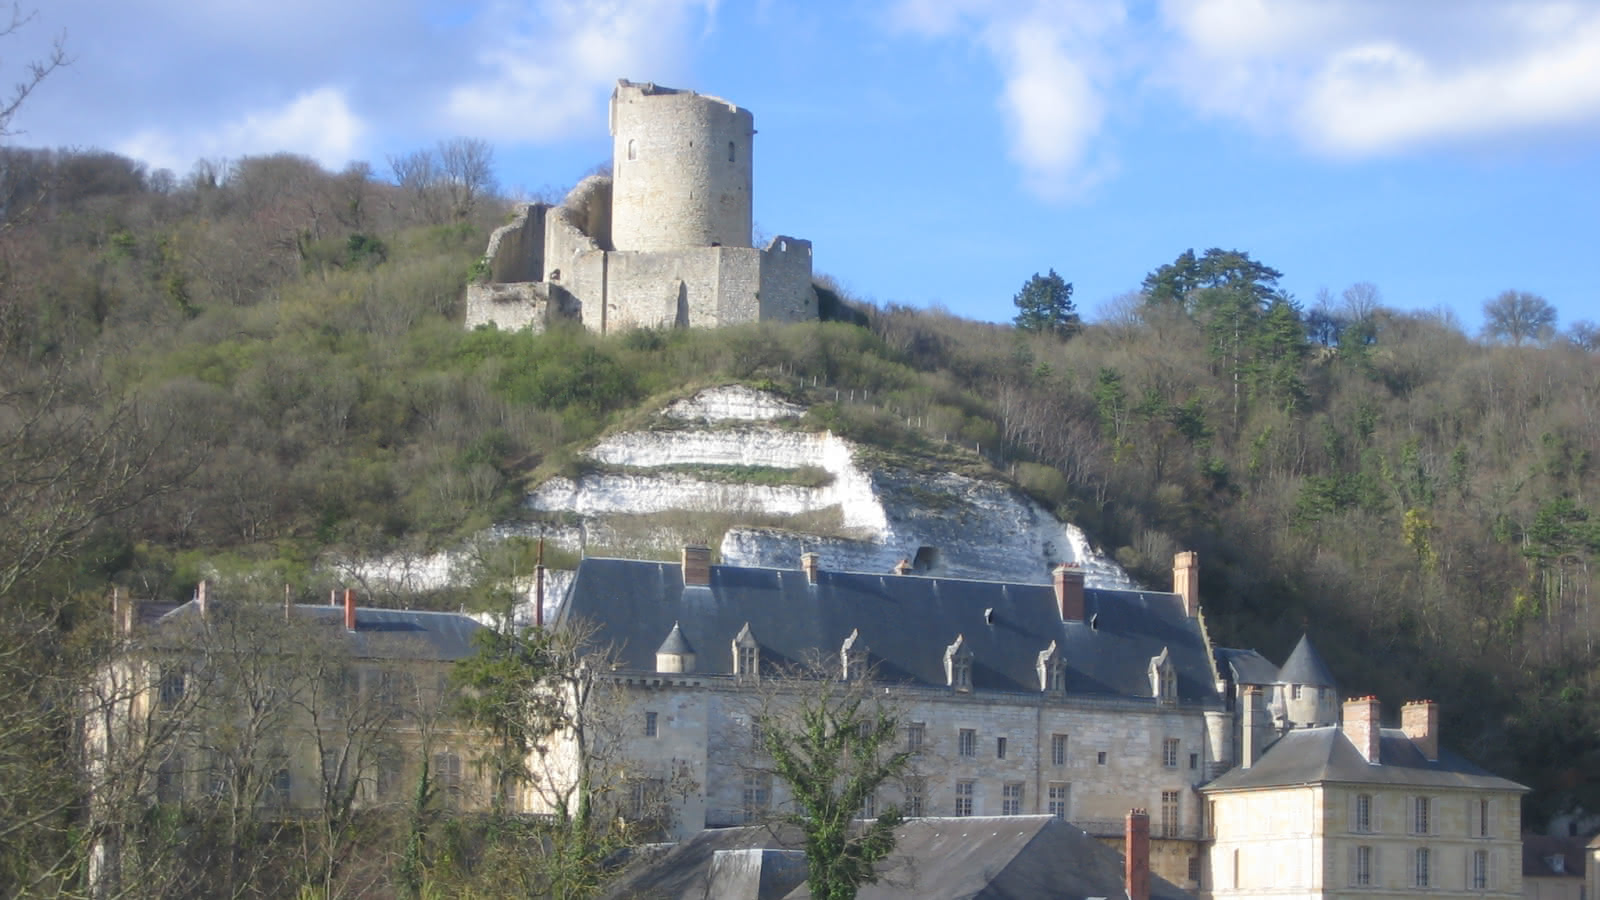 Photo de la vue sur le donjon du Château de La Roche-Guyon